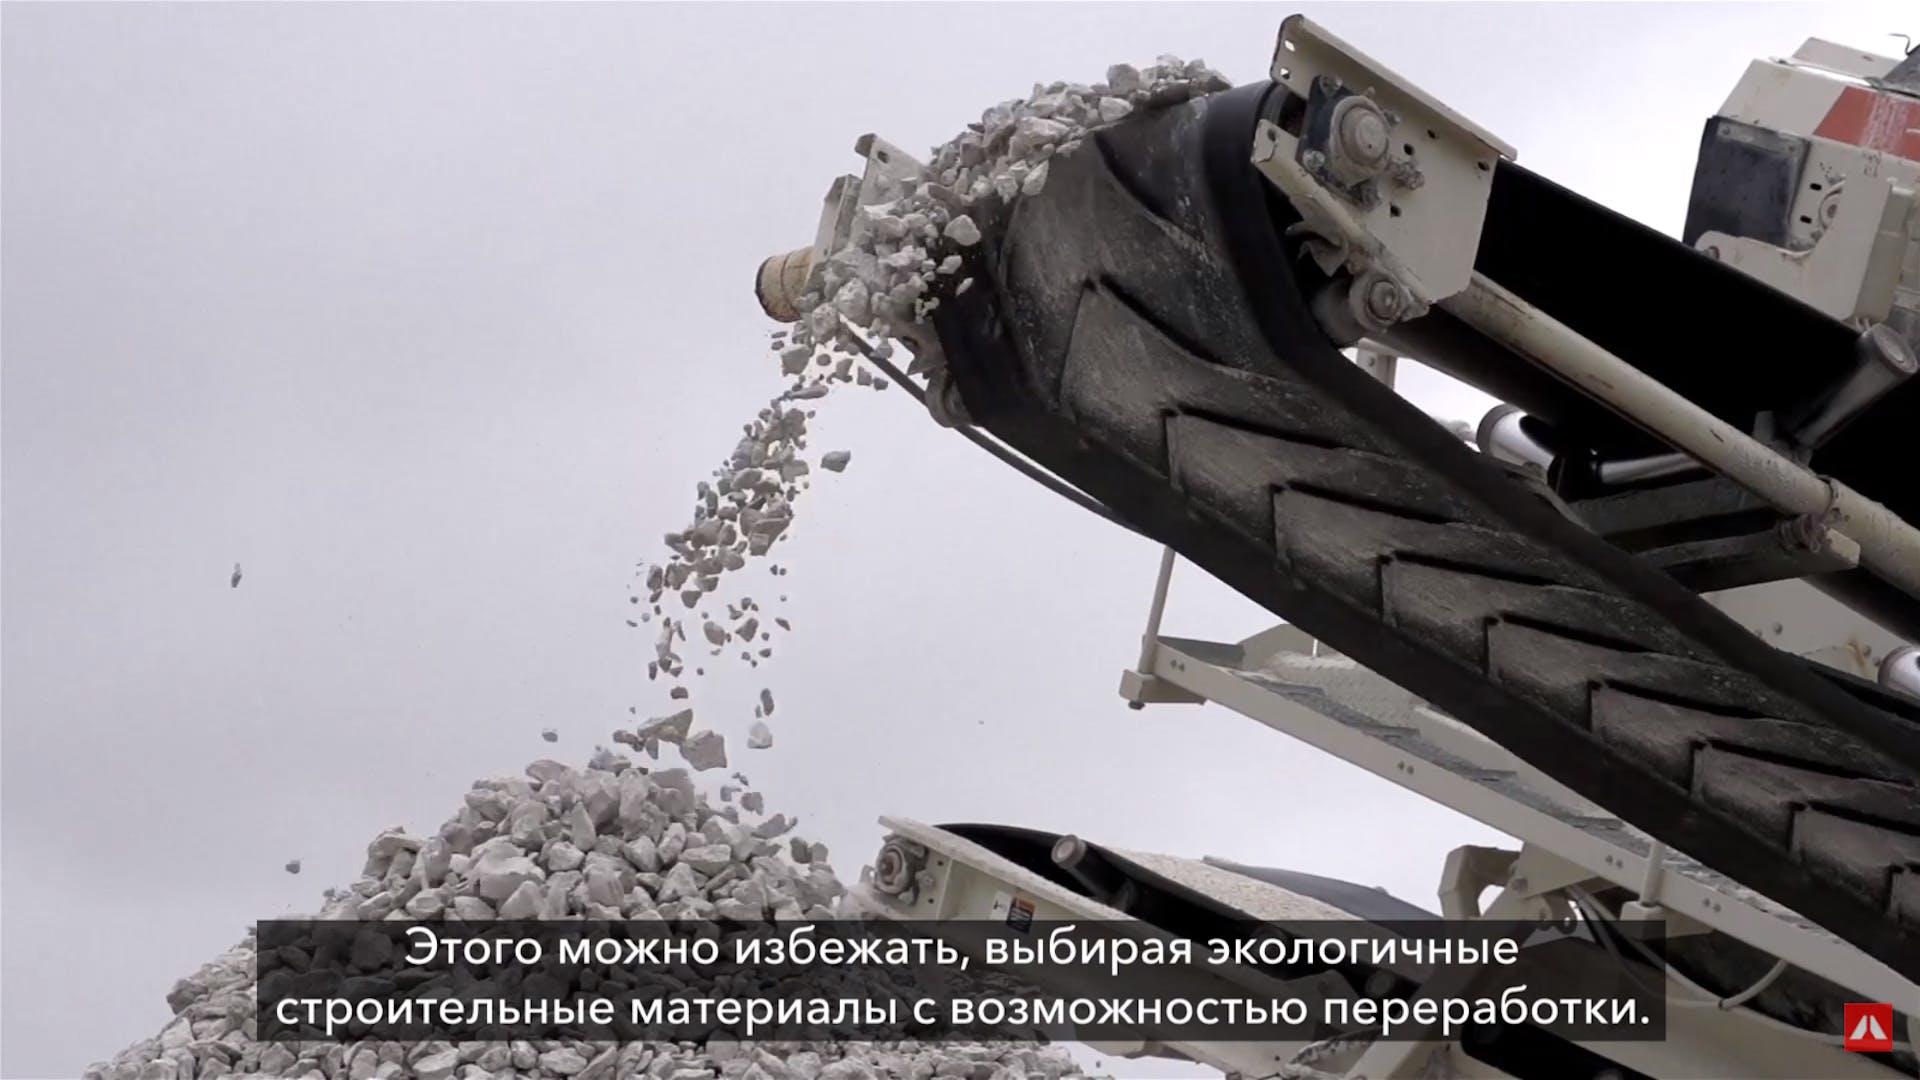 20211801 RW-RUS PHO 567